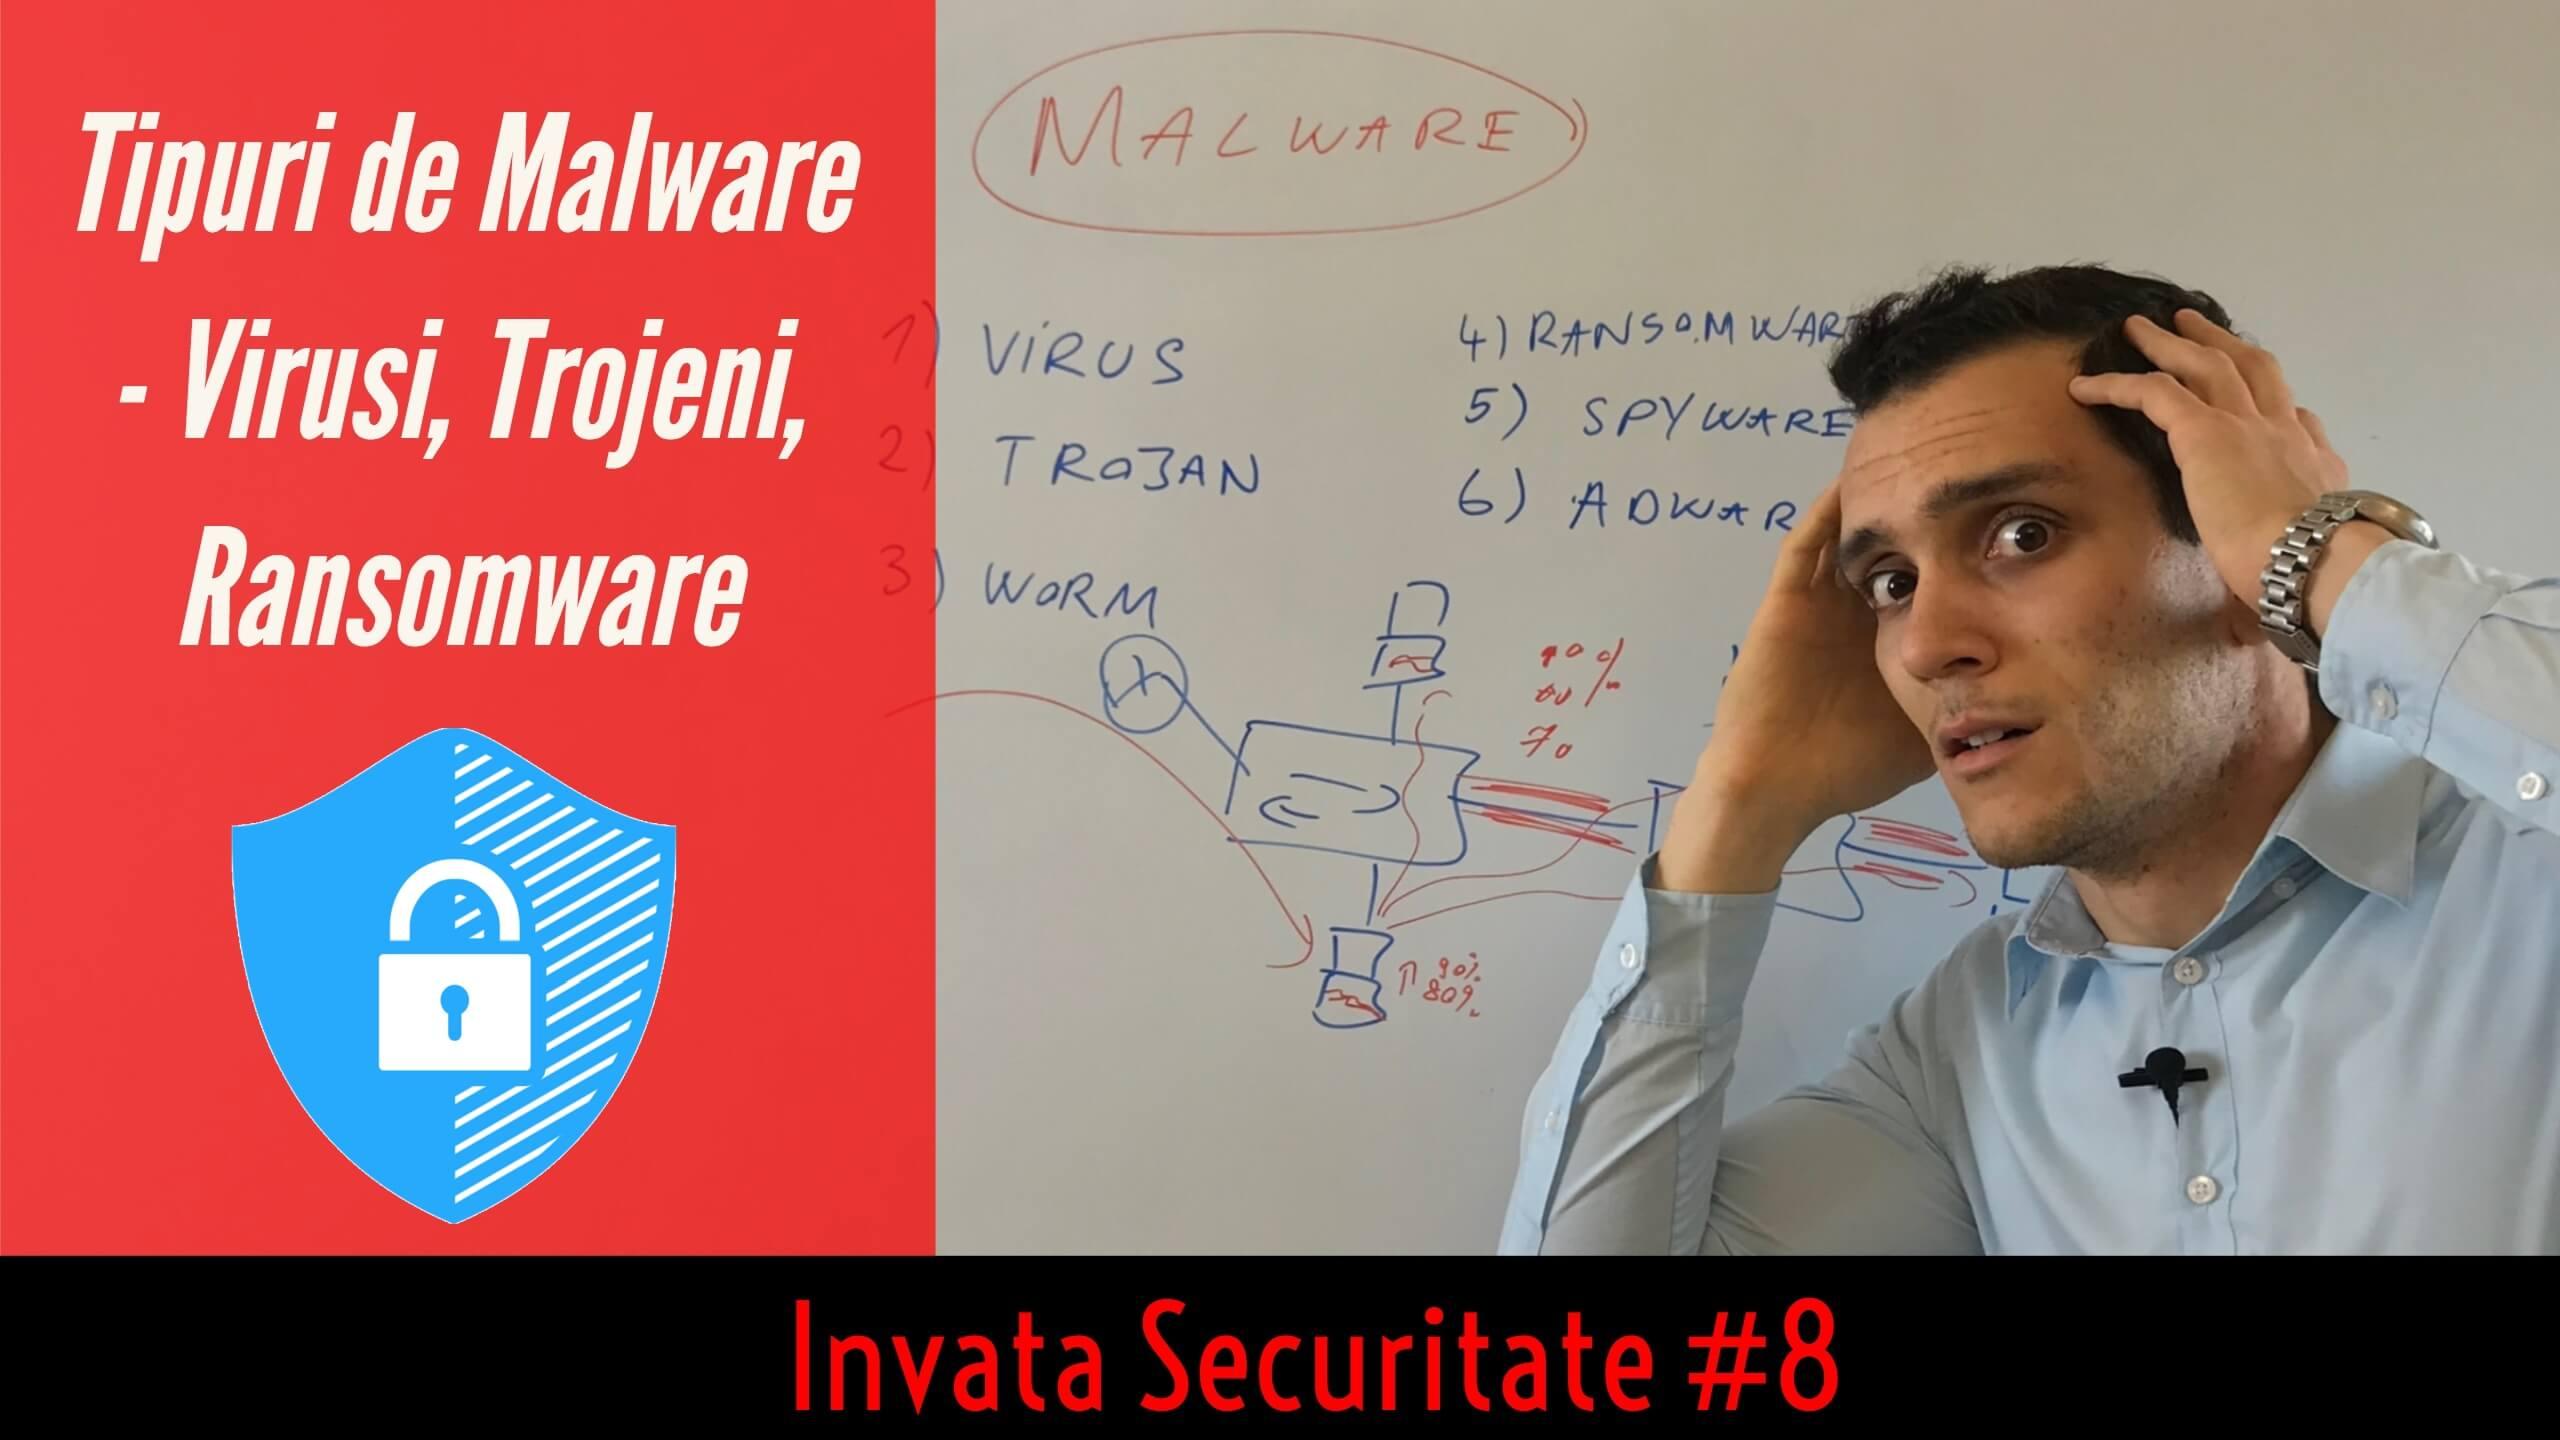 😈 Ce este un Malware si de cate Tipuri poate fi (Virusi, Trojeni, Ransomware, etc.)  | Invata Securitate #8